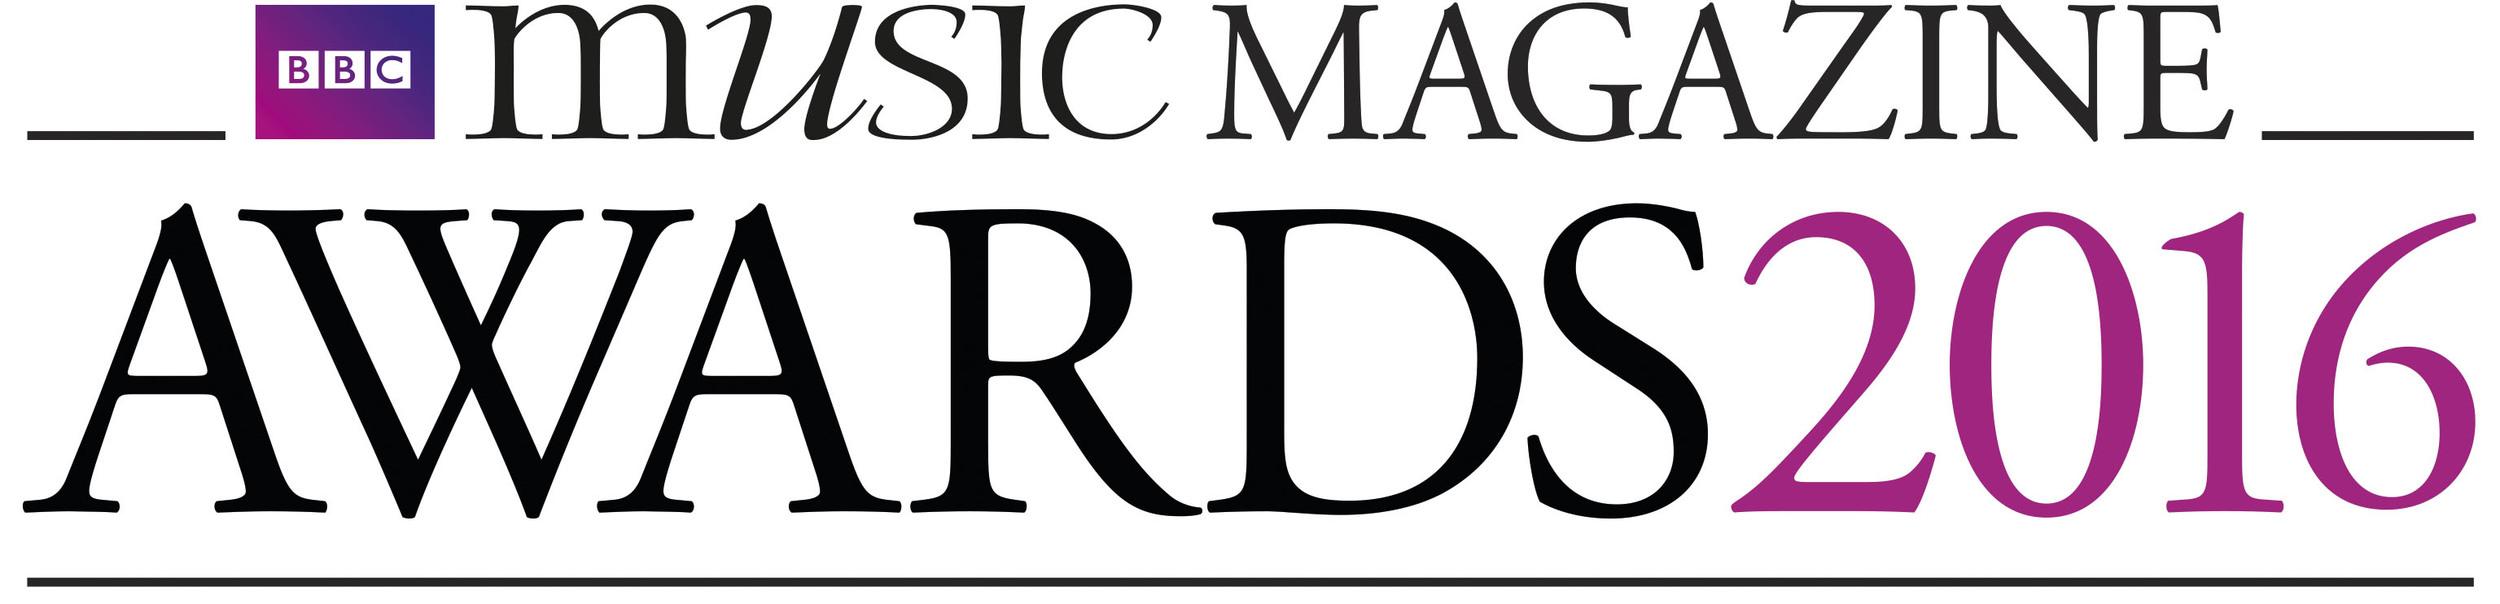 BBC Music Award 2016